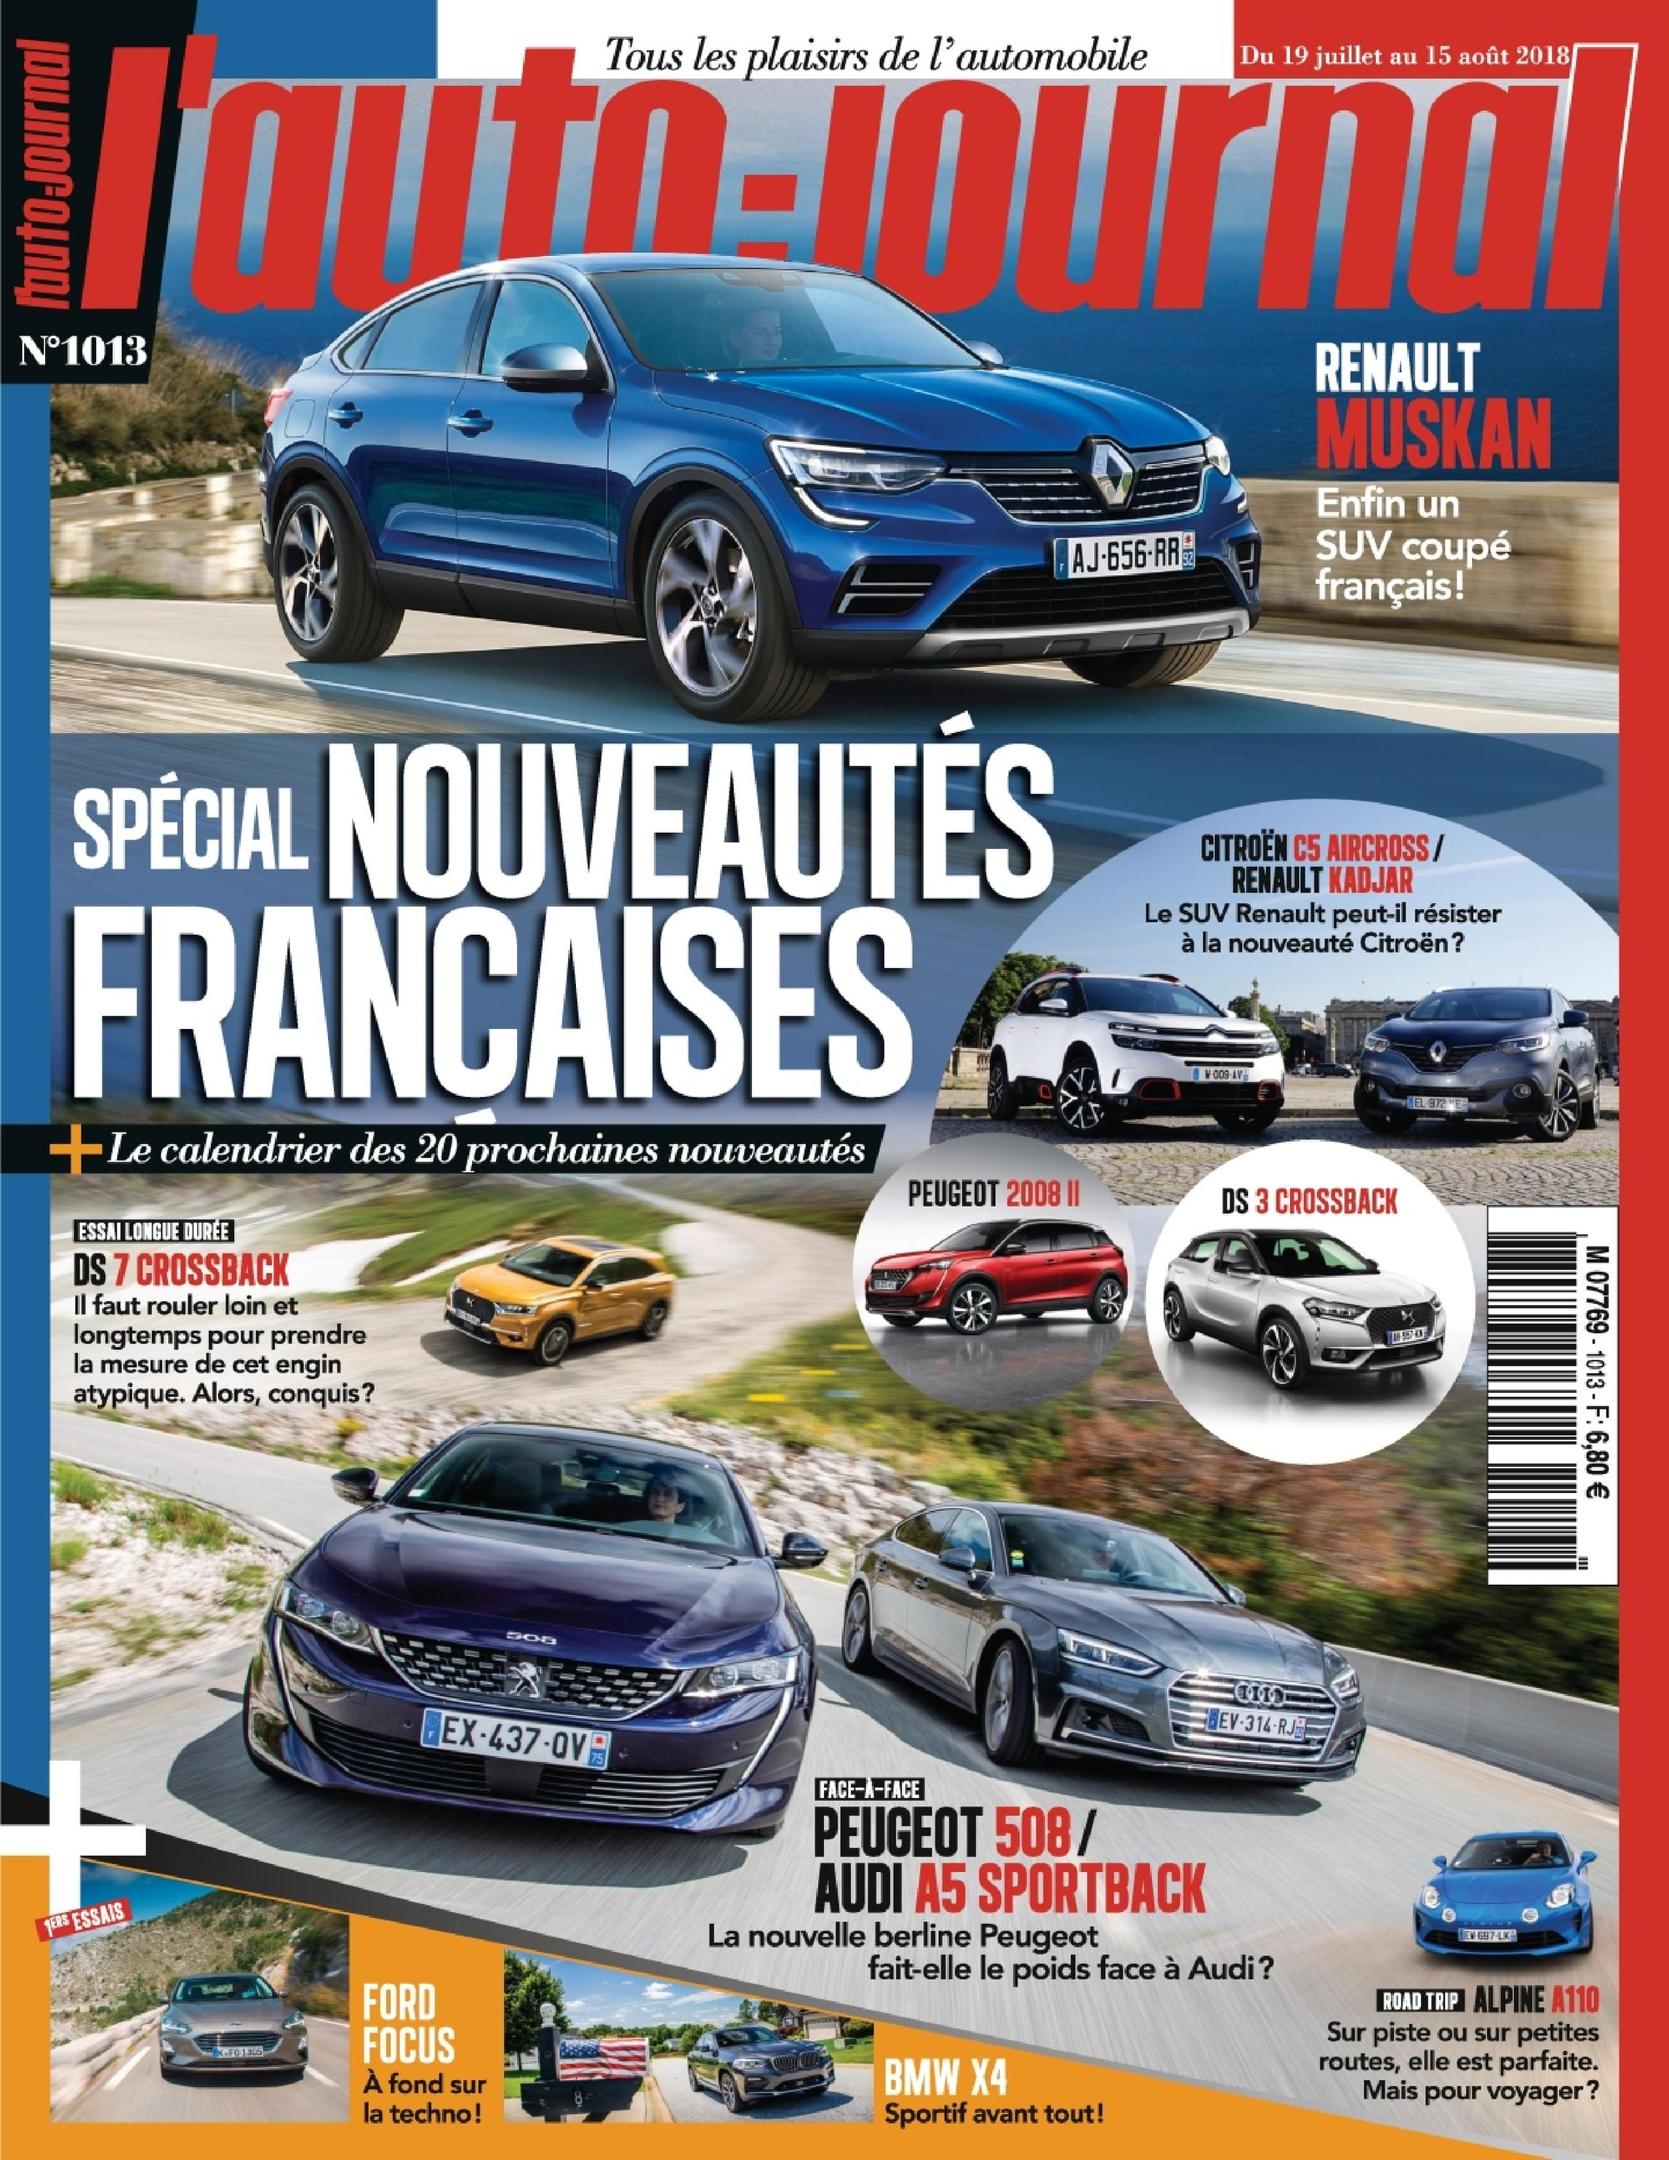 L'Auto-Journal – 20 Juillet 2018